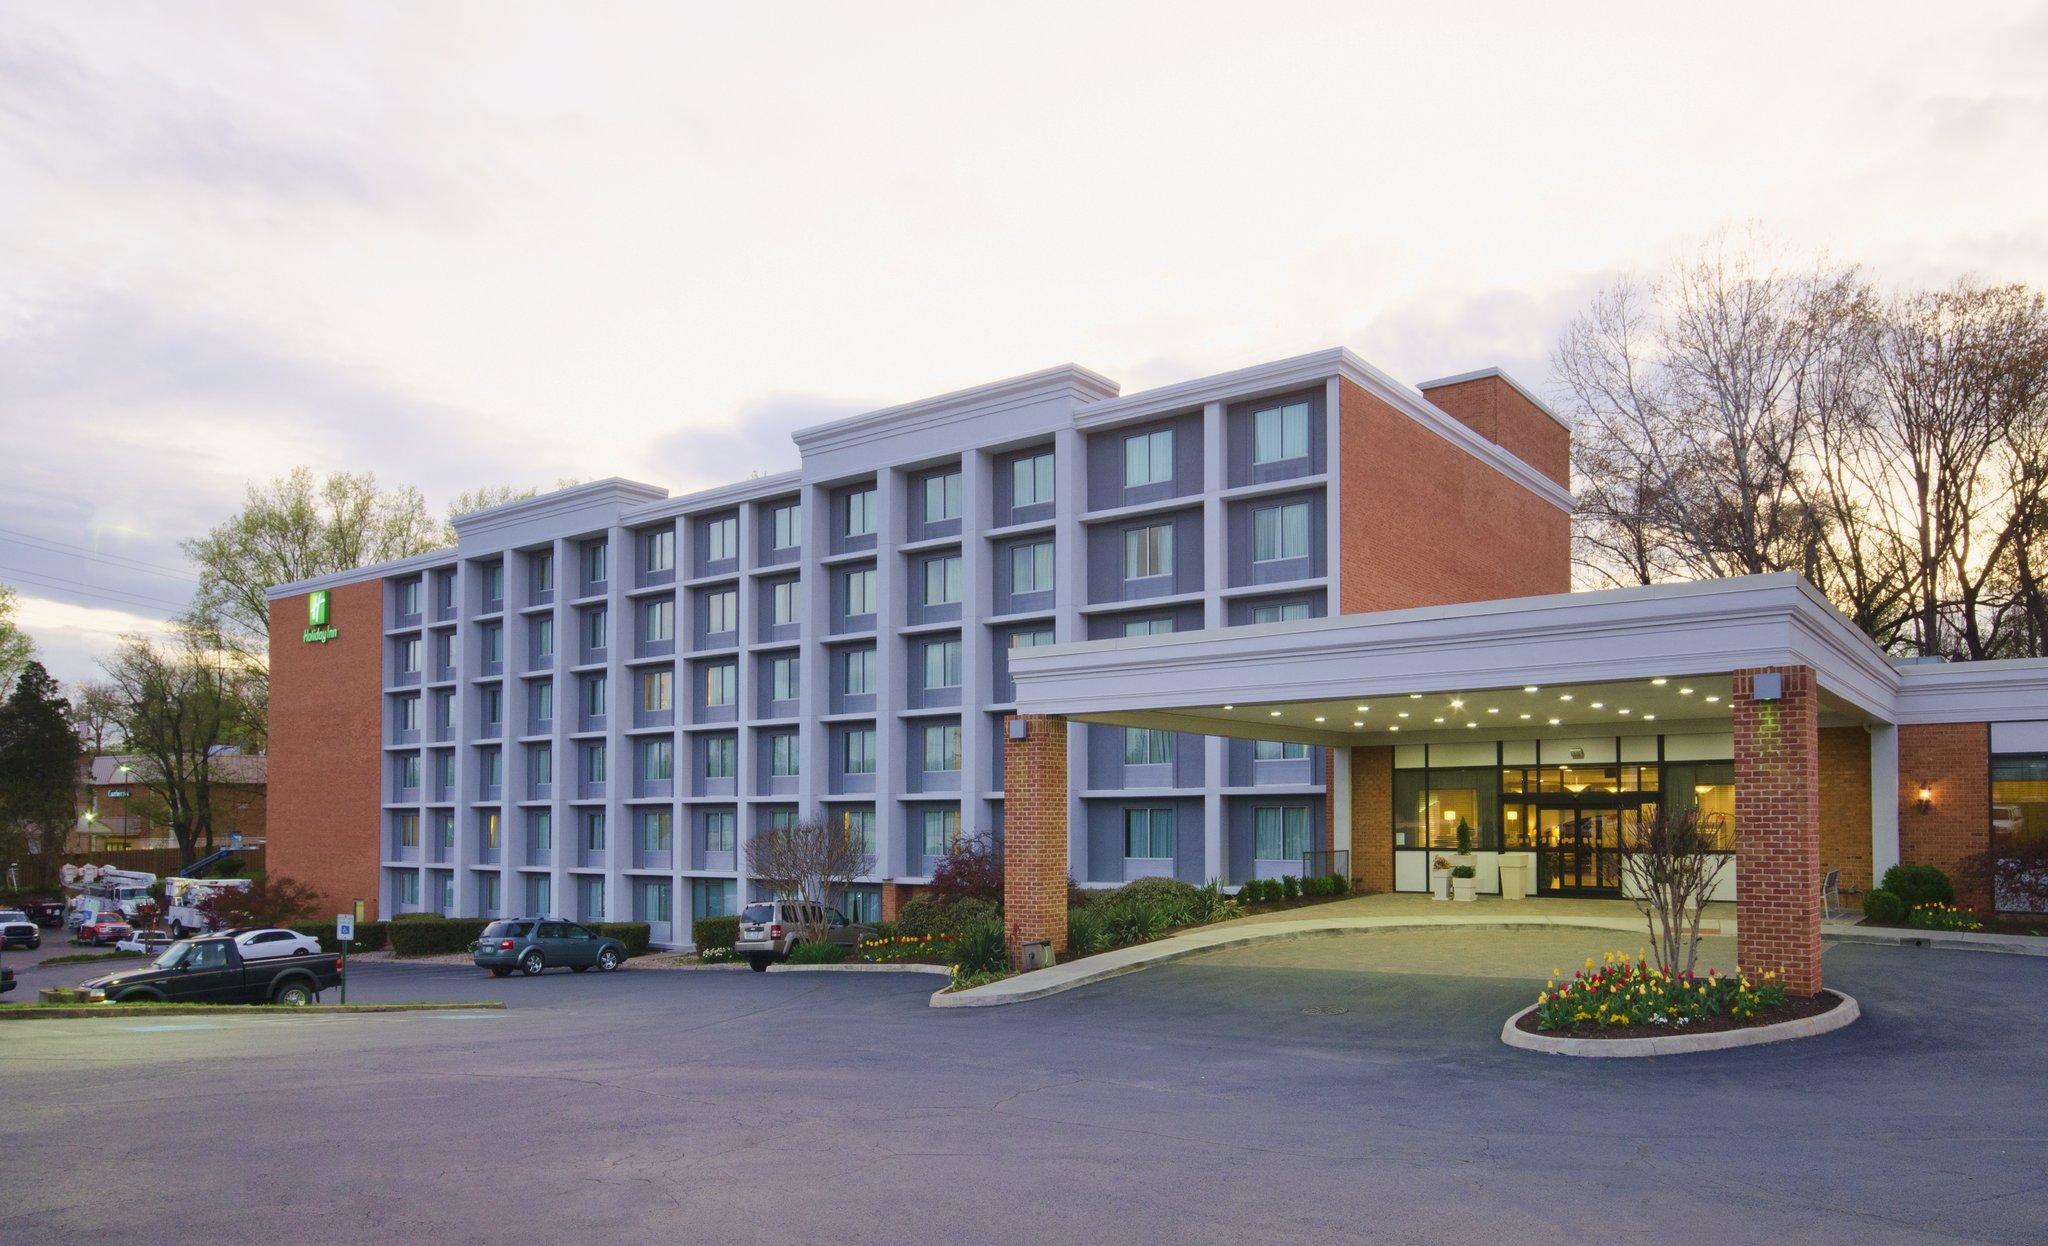 Holiday Inn University Area